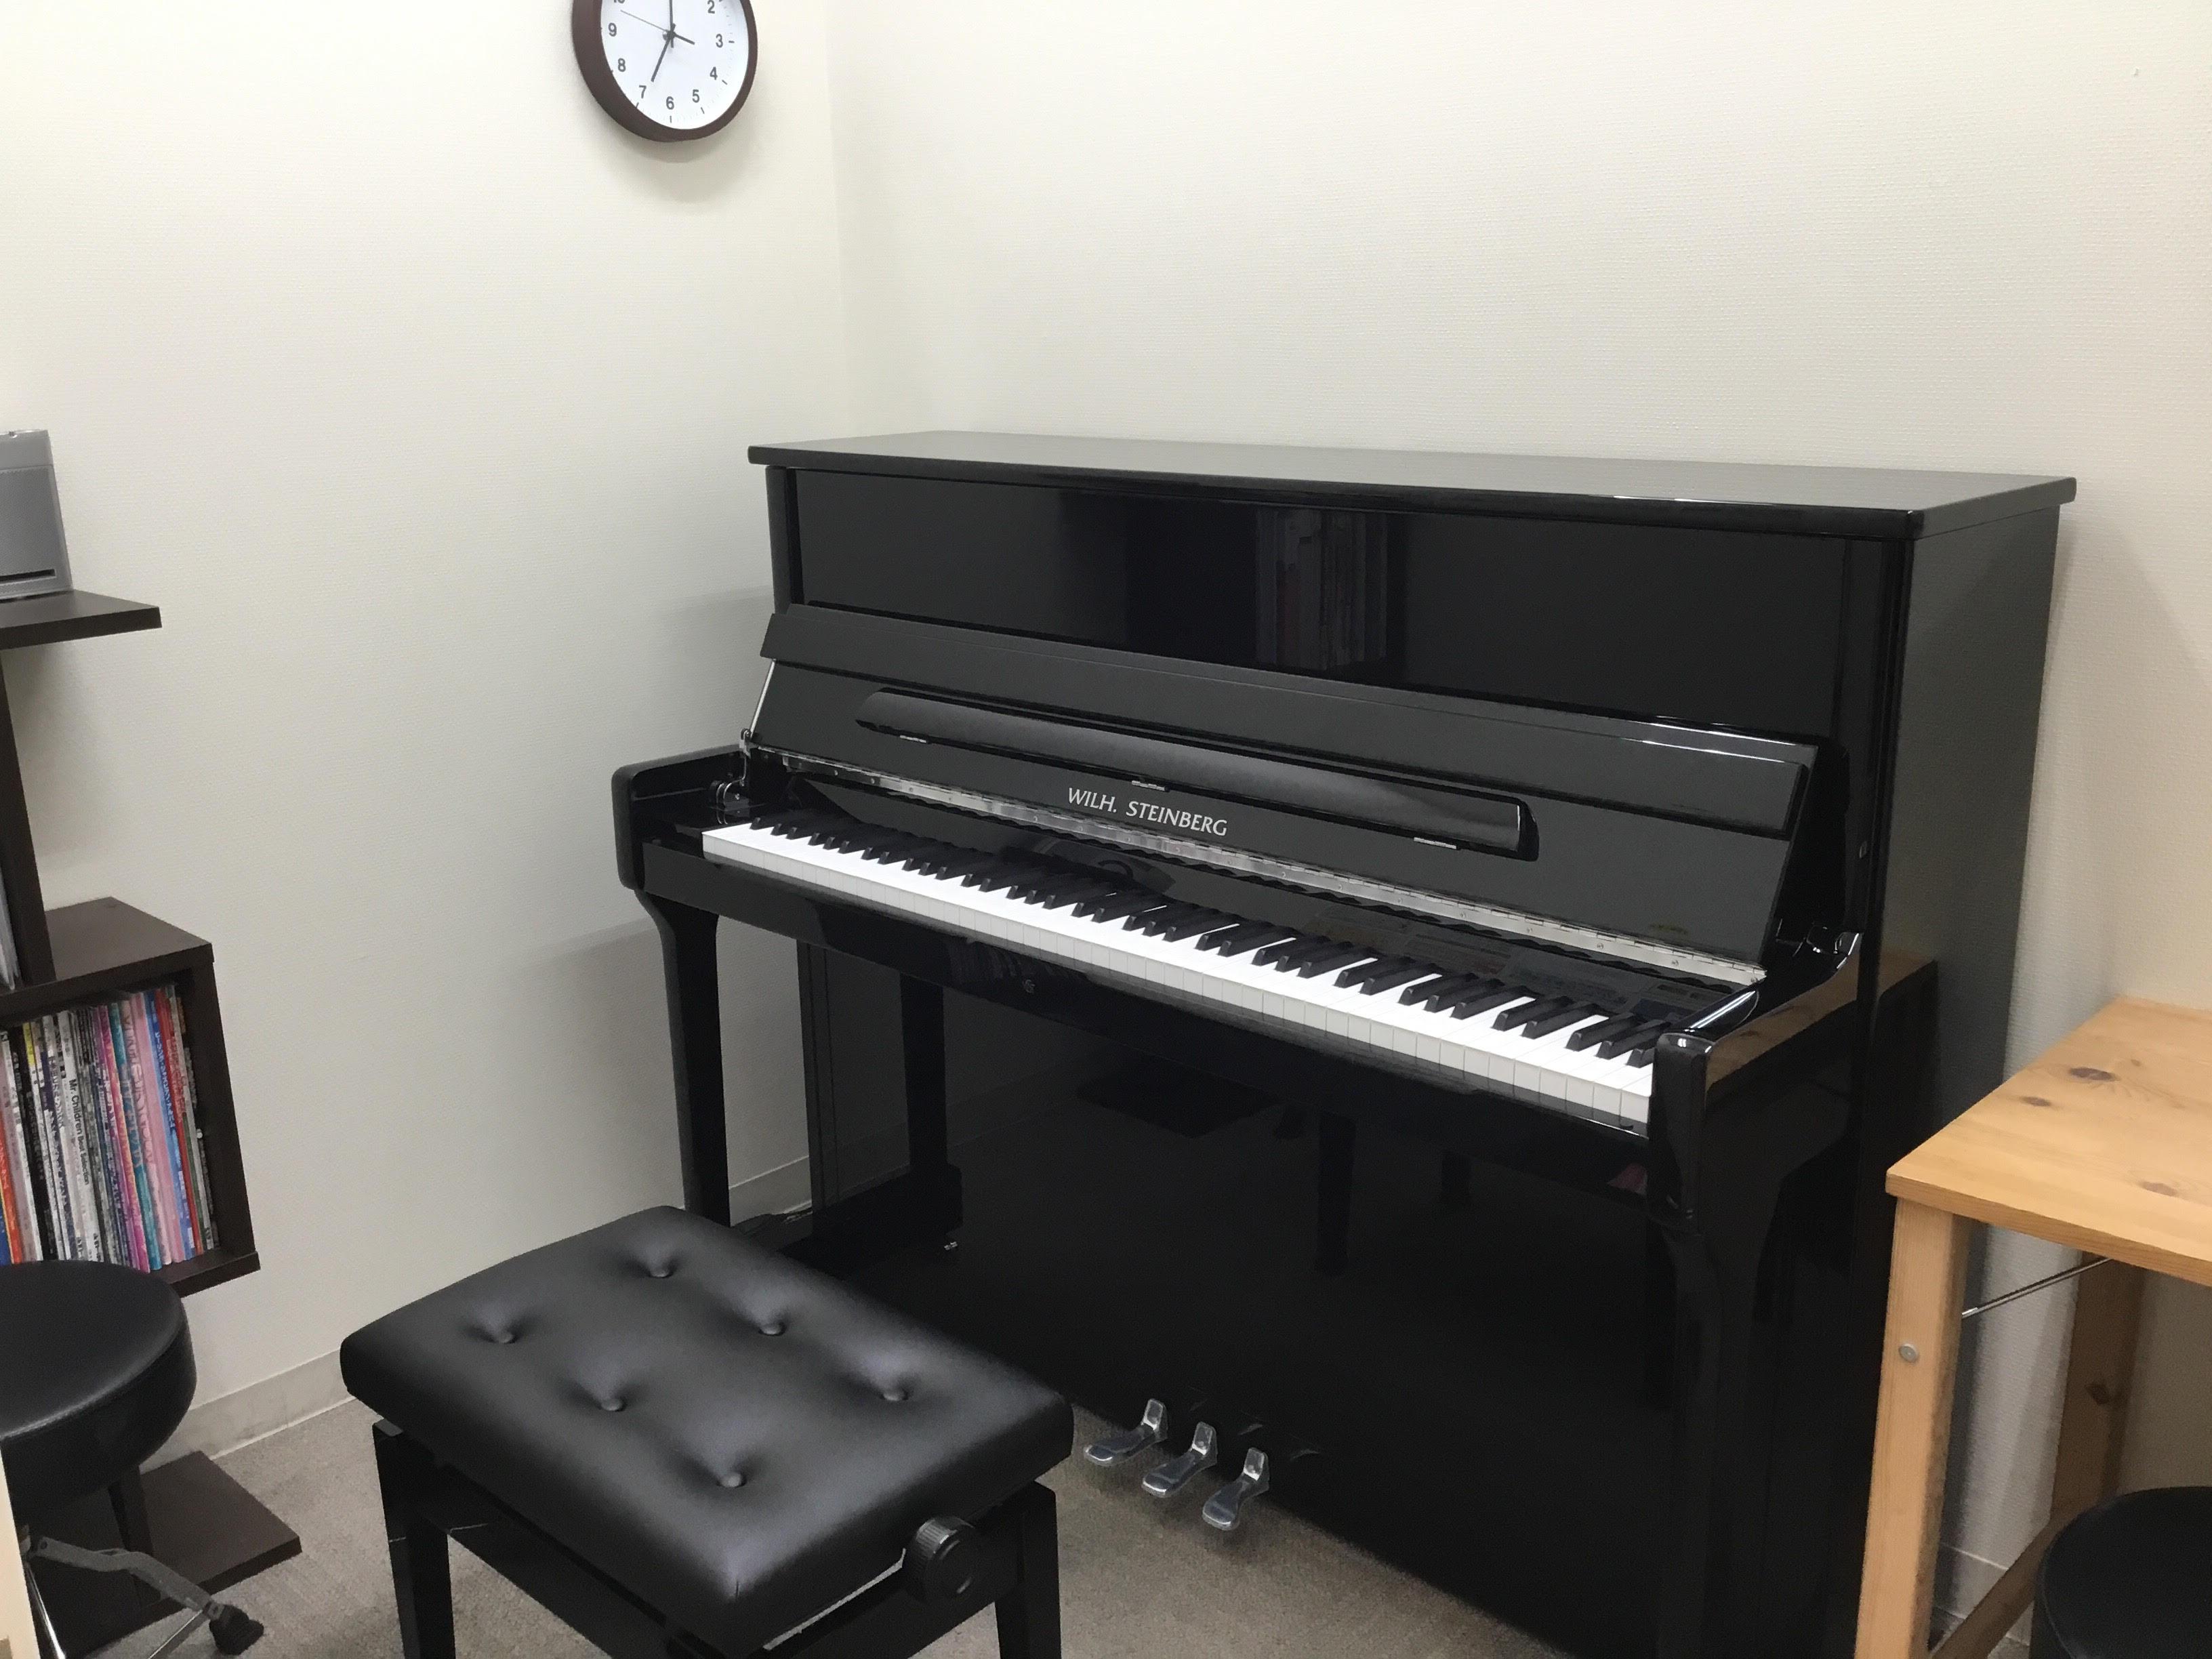 島村楽器 南船橋 大人 ピアノレッスン レッスン室